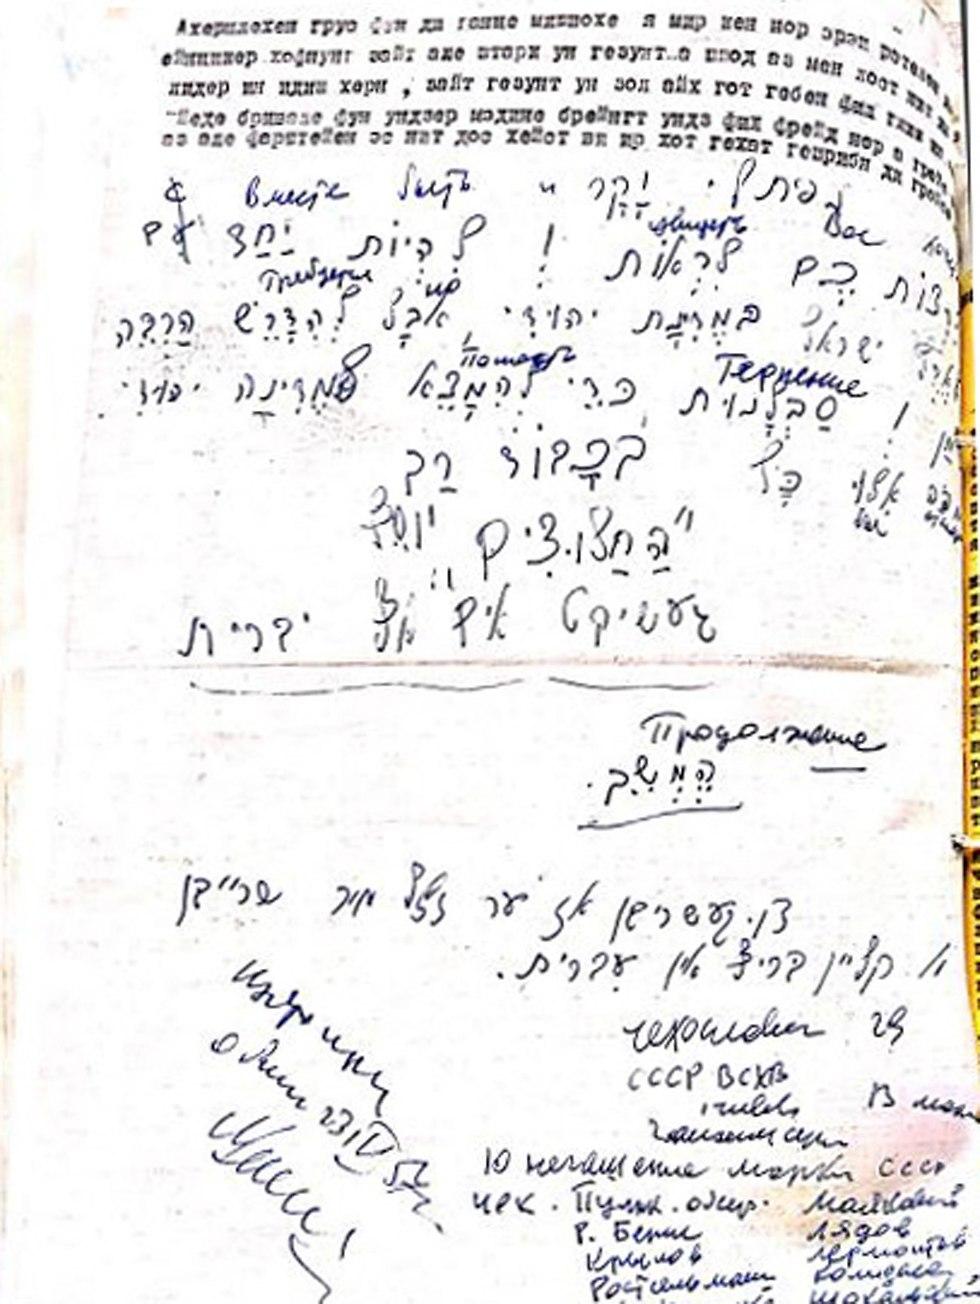 מכתב לנפתלי גריבוב מיוסף שניידר (צילום: יוסף שניידר, באדיבות ארכיון הספריה הלאומית)